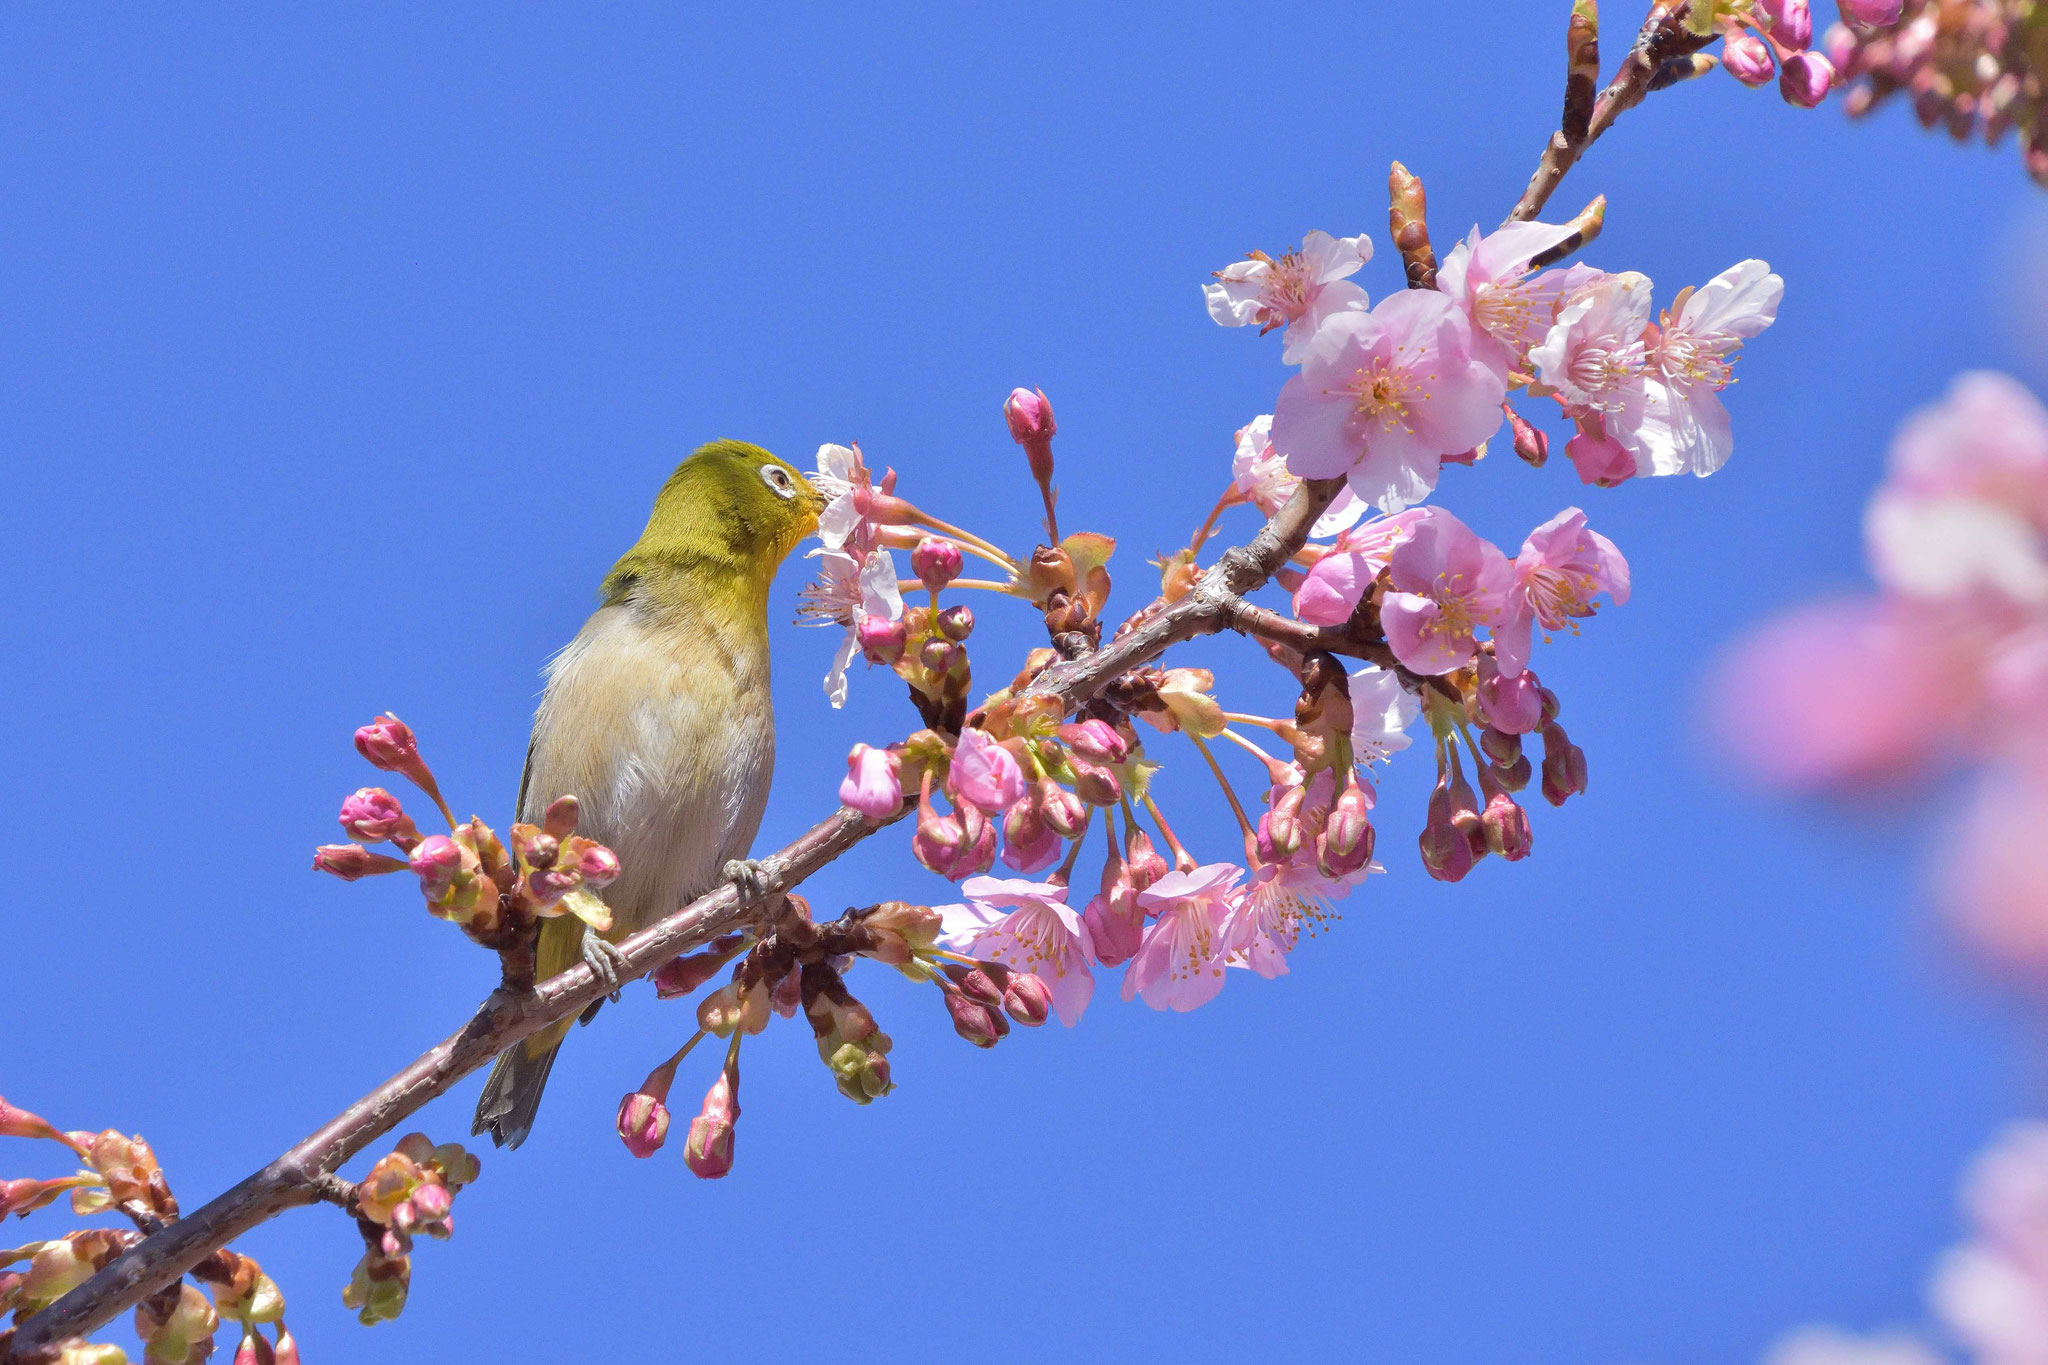 せせらぎ遊歩道の桜の蜜をちゅう